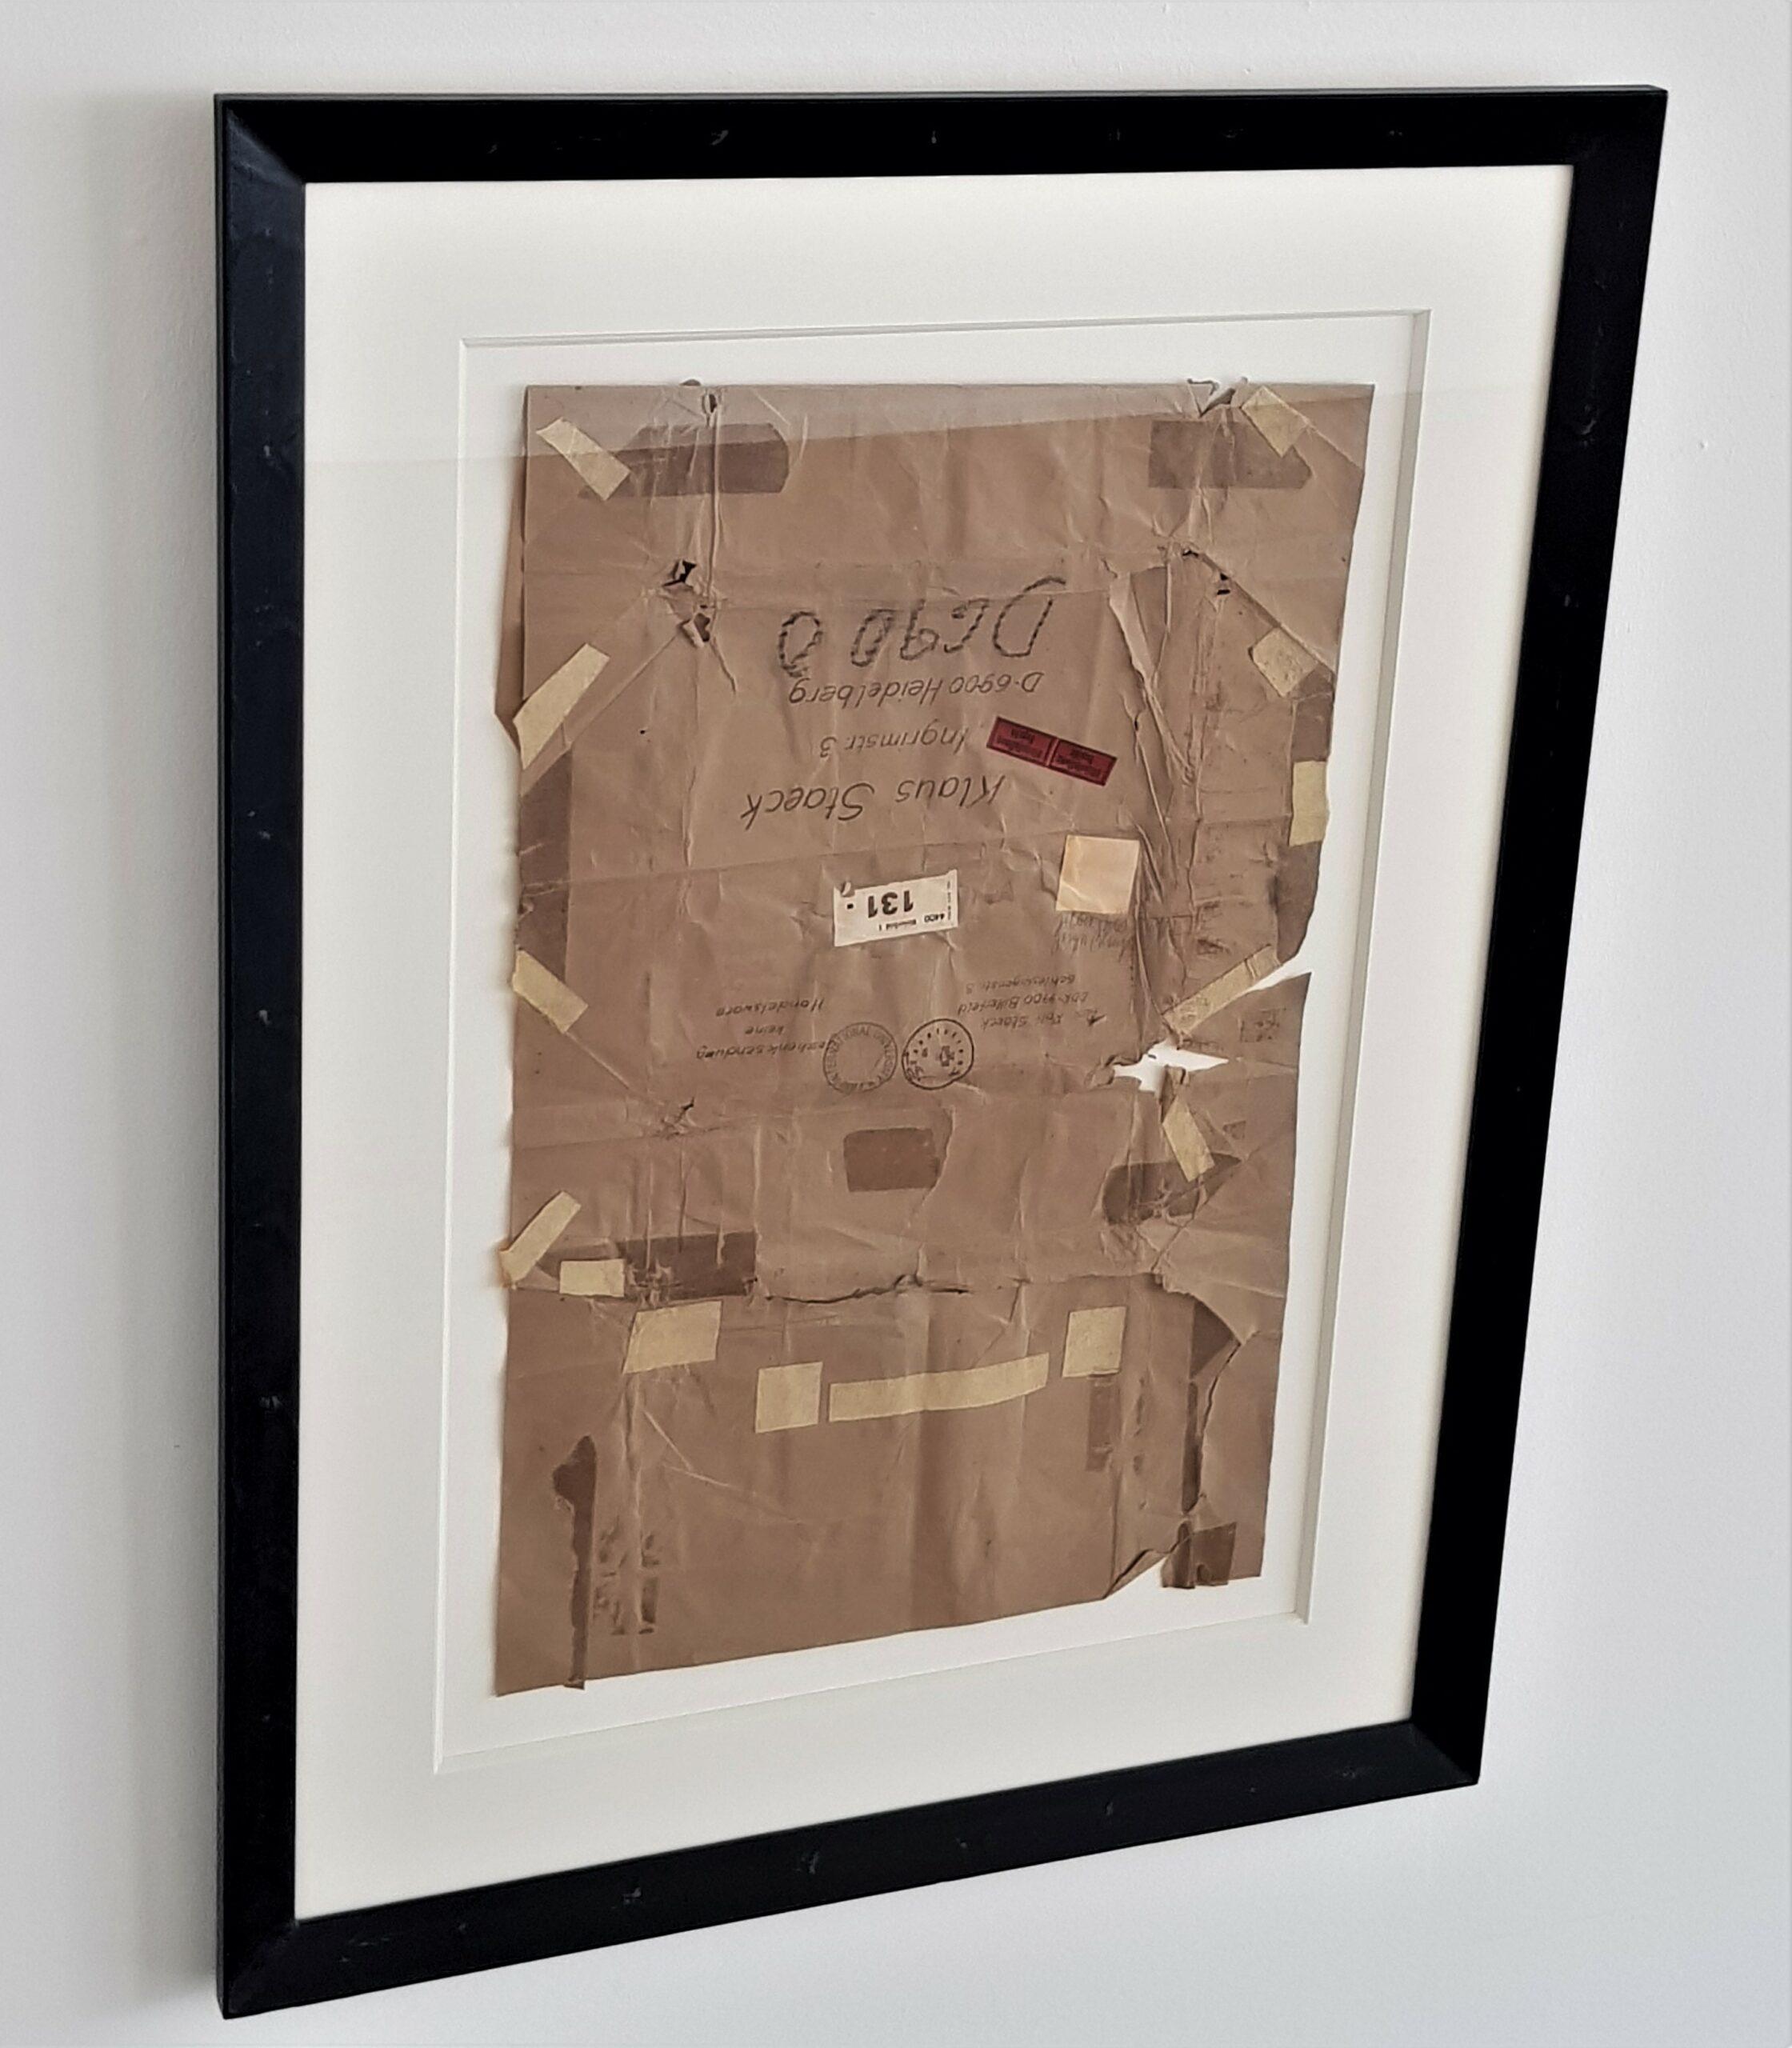 Joseph Beuys Gelbes Bild IIXL 1977 gemengde techniek op papier 76x49cm